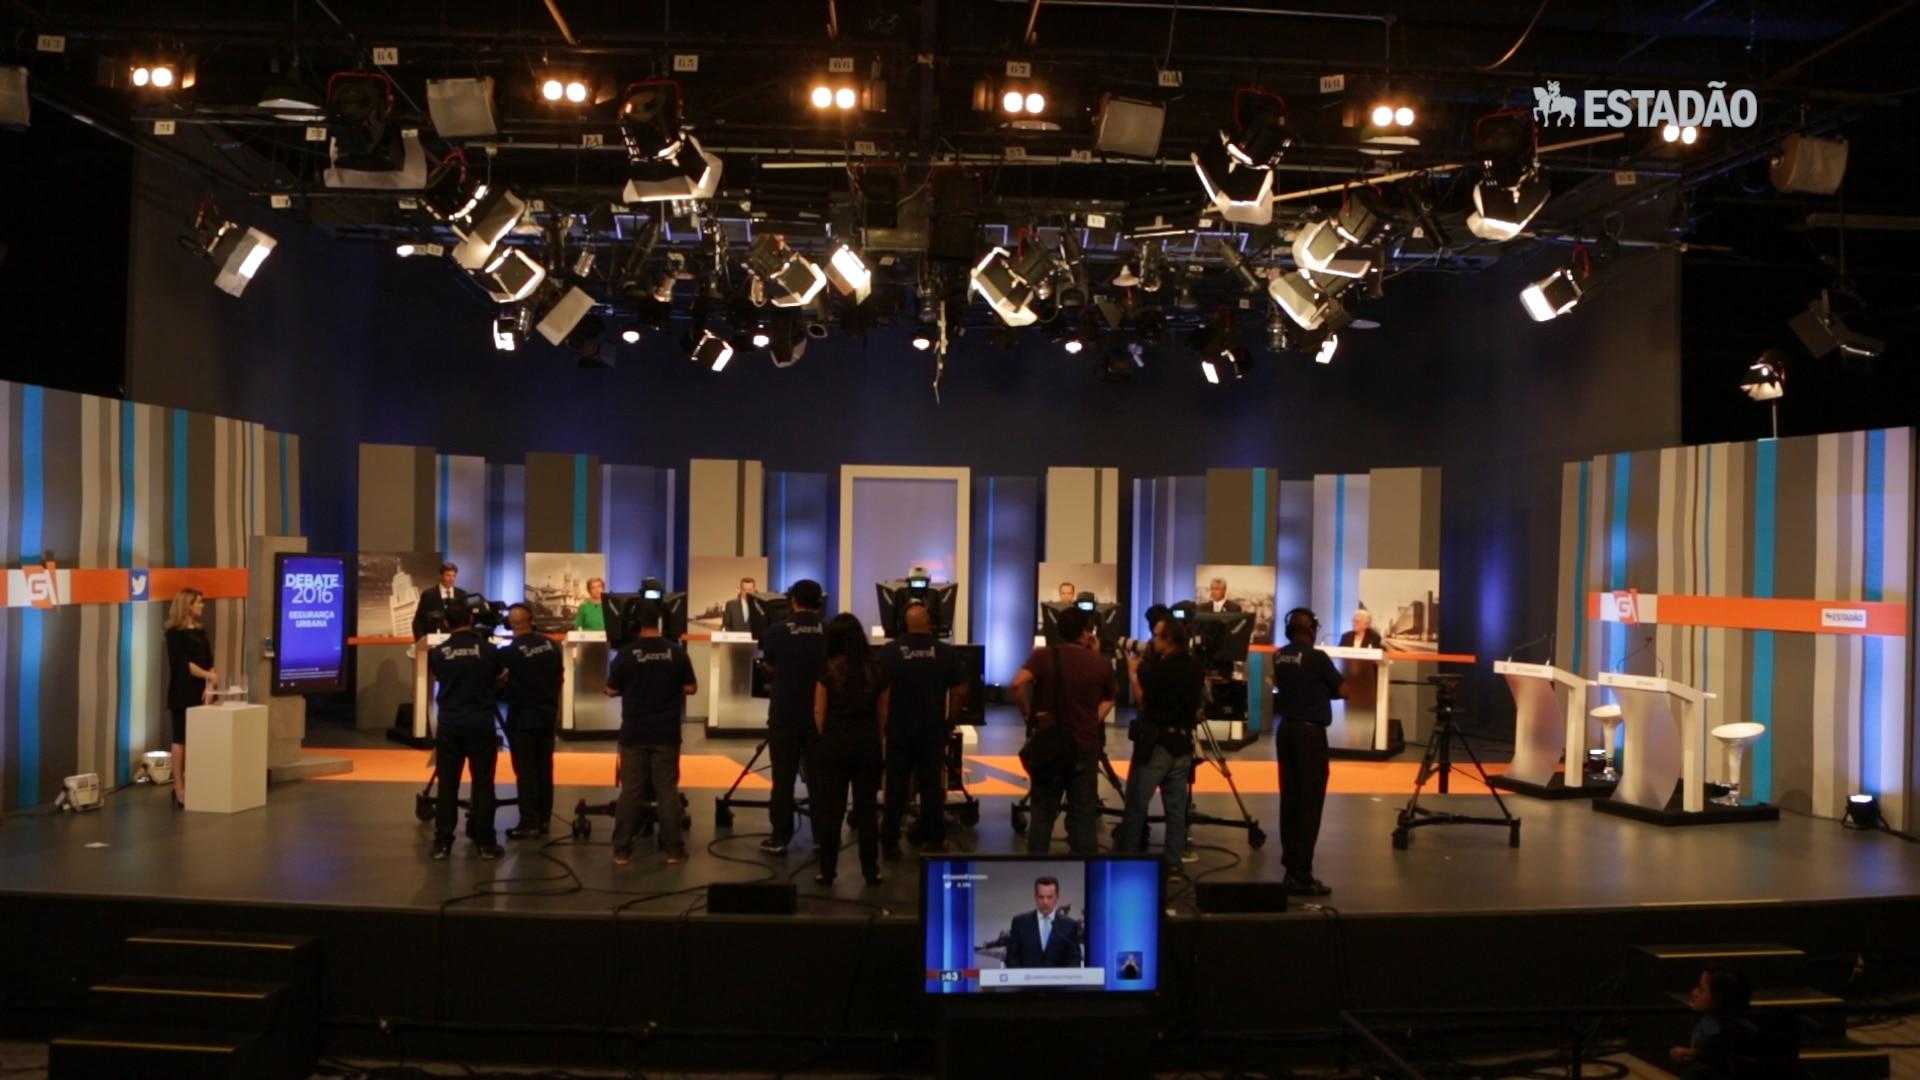 Os bastidores do debate da TV Gazeta, Estadão e Twitter